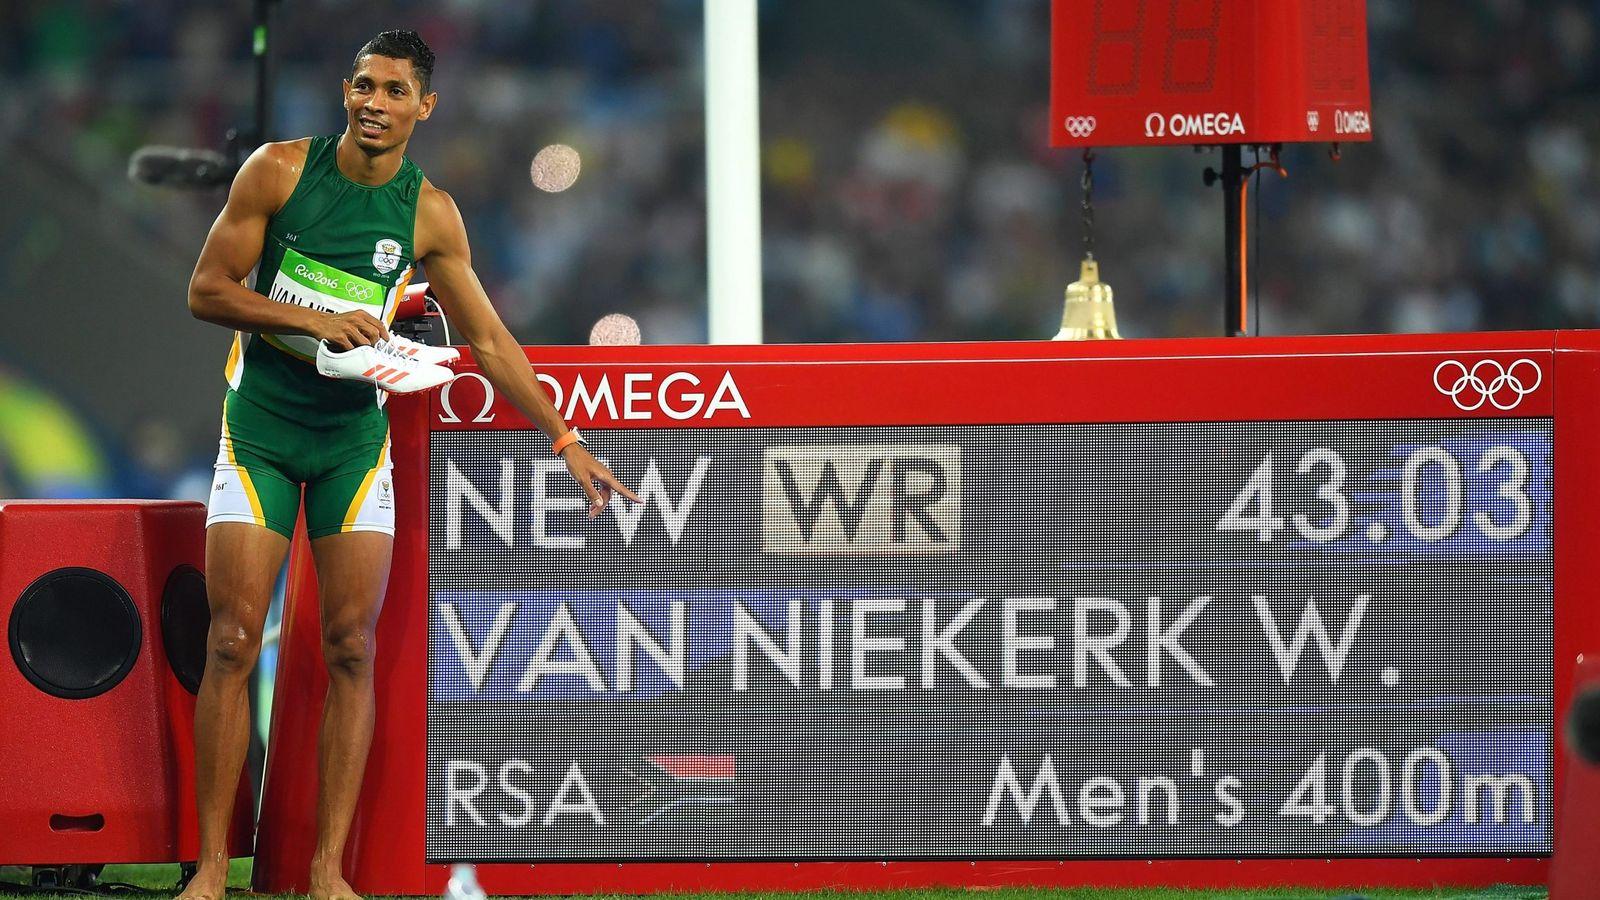 Foto: El sudafricano Wayde van Niekerk muestra su récord del mundo de 400 metros en la final de Río. (EFE)